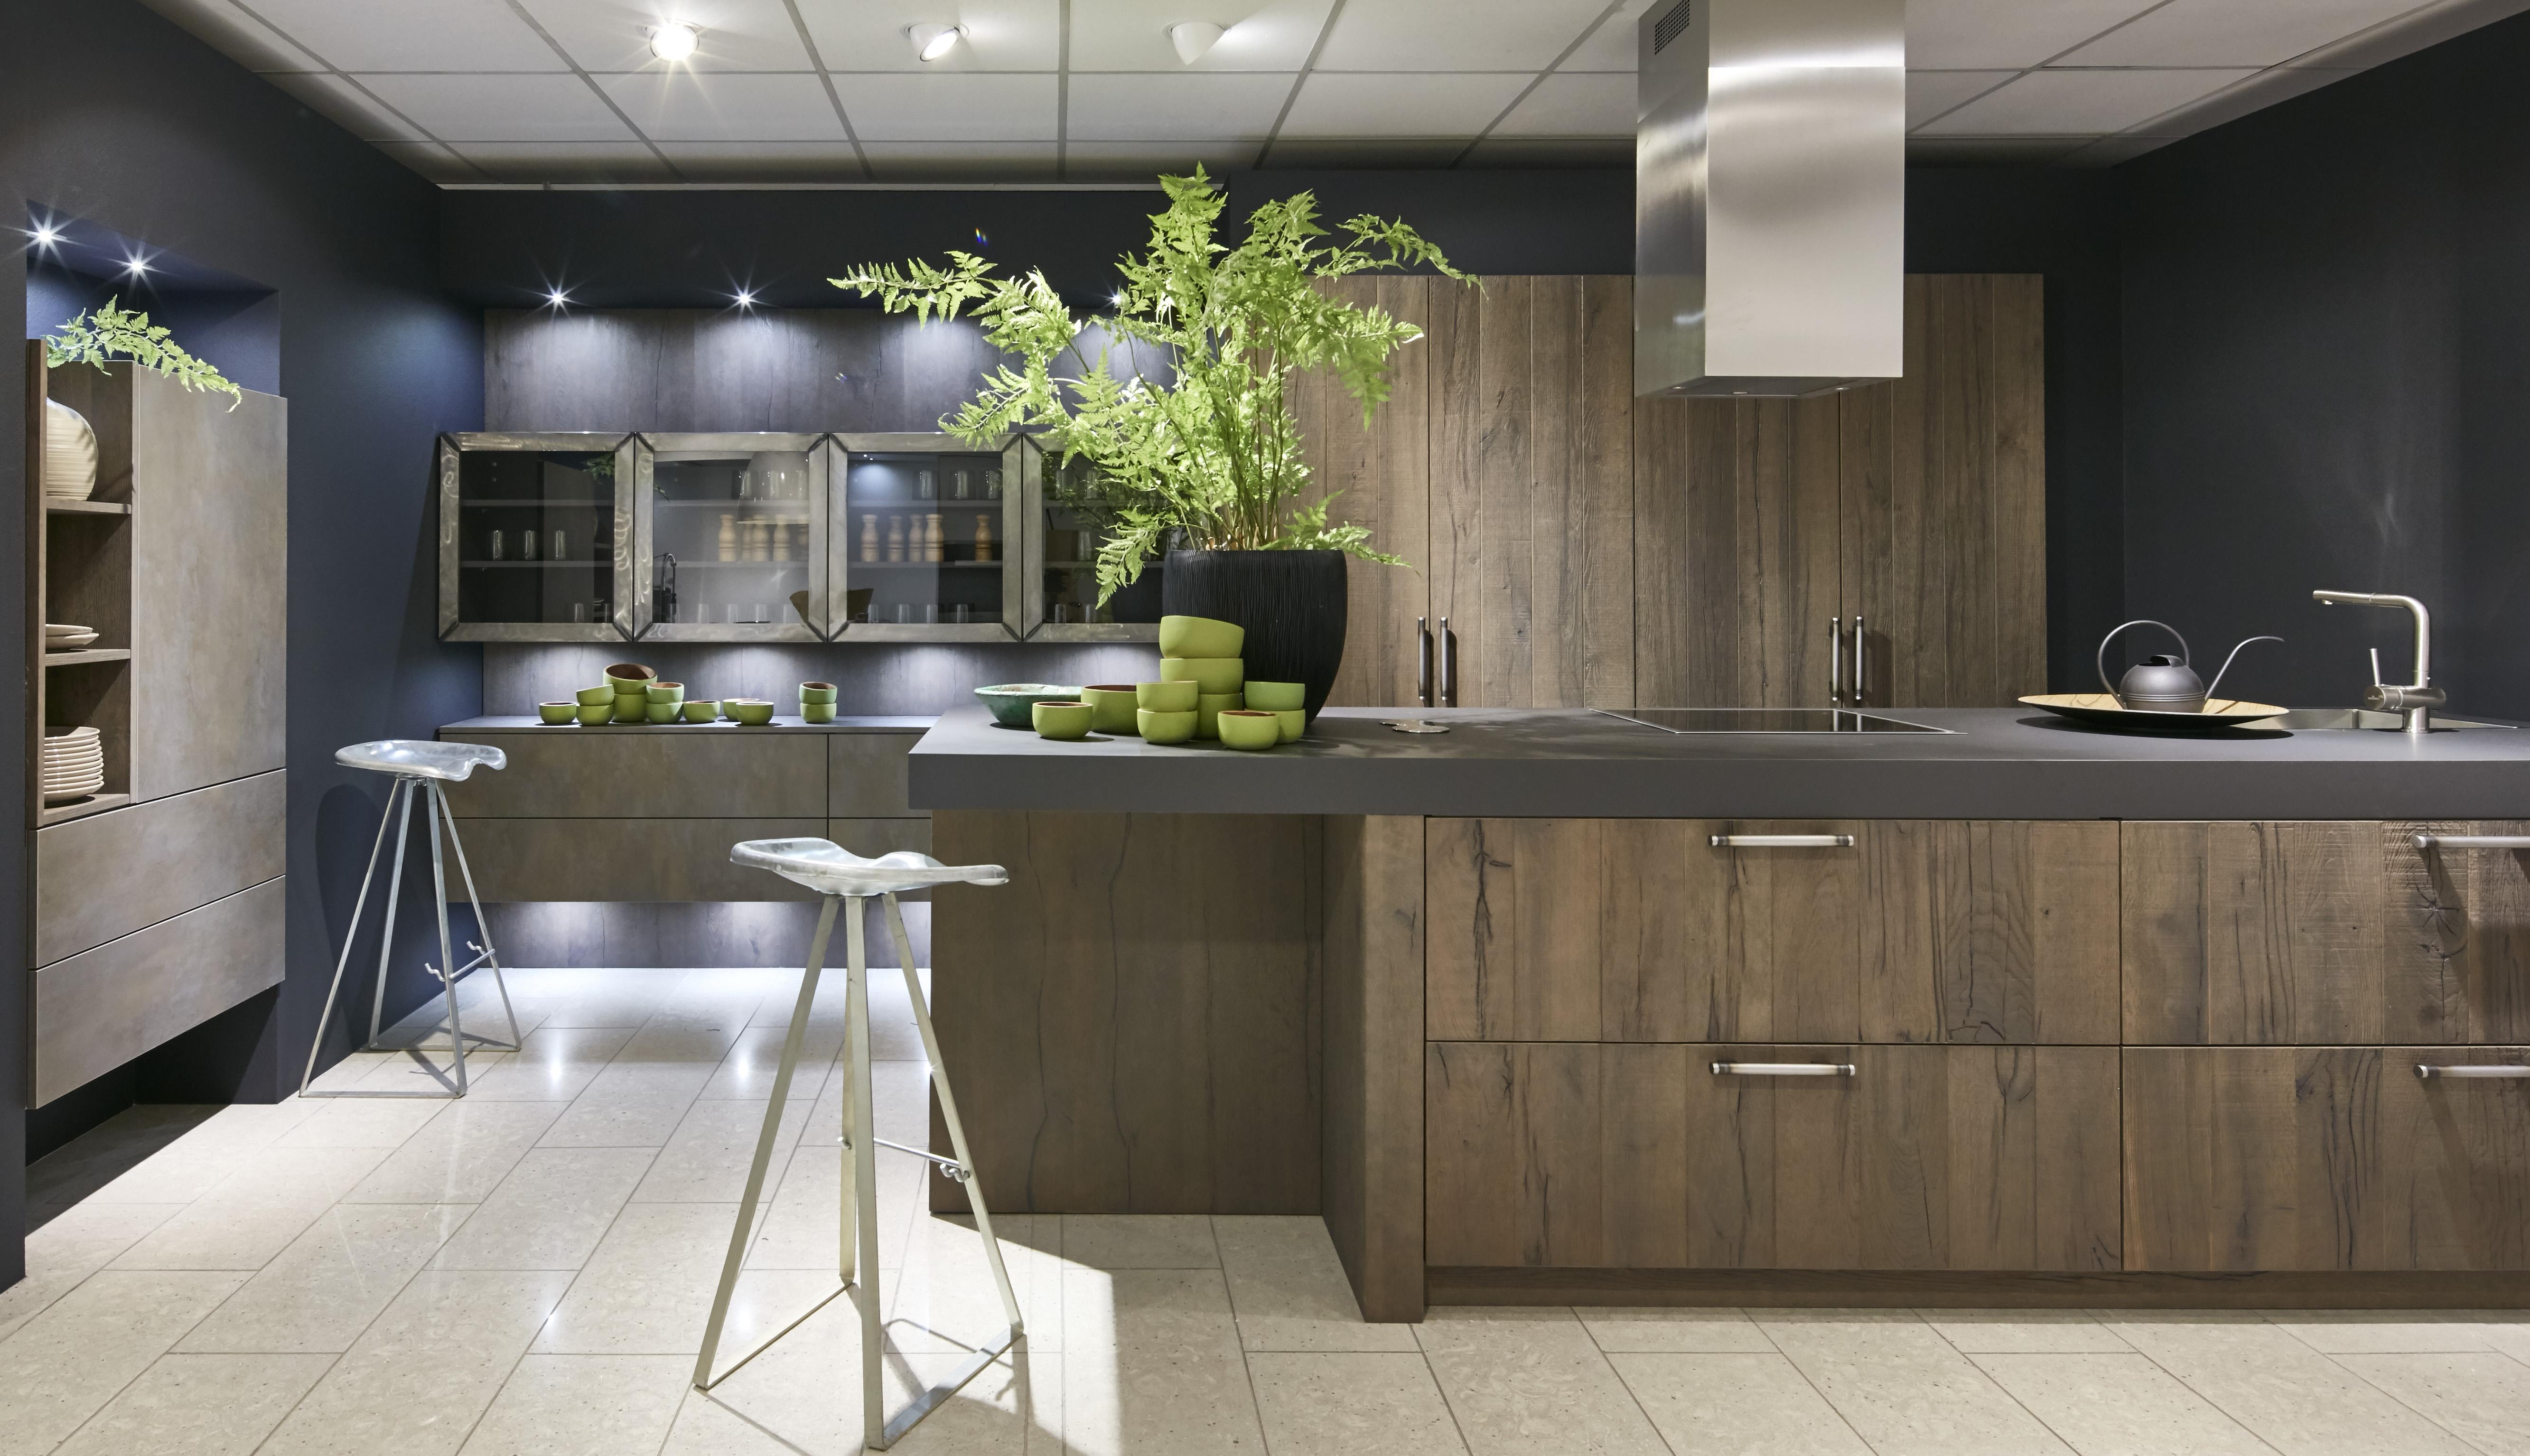 Tiendas de cocinas en vitoria tiendas de cocinas en vitoria with tiendas de cocinas en vitoria - Cocinas schmidt vitoria ...